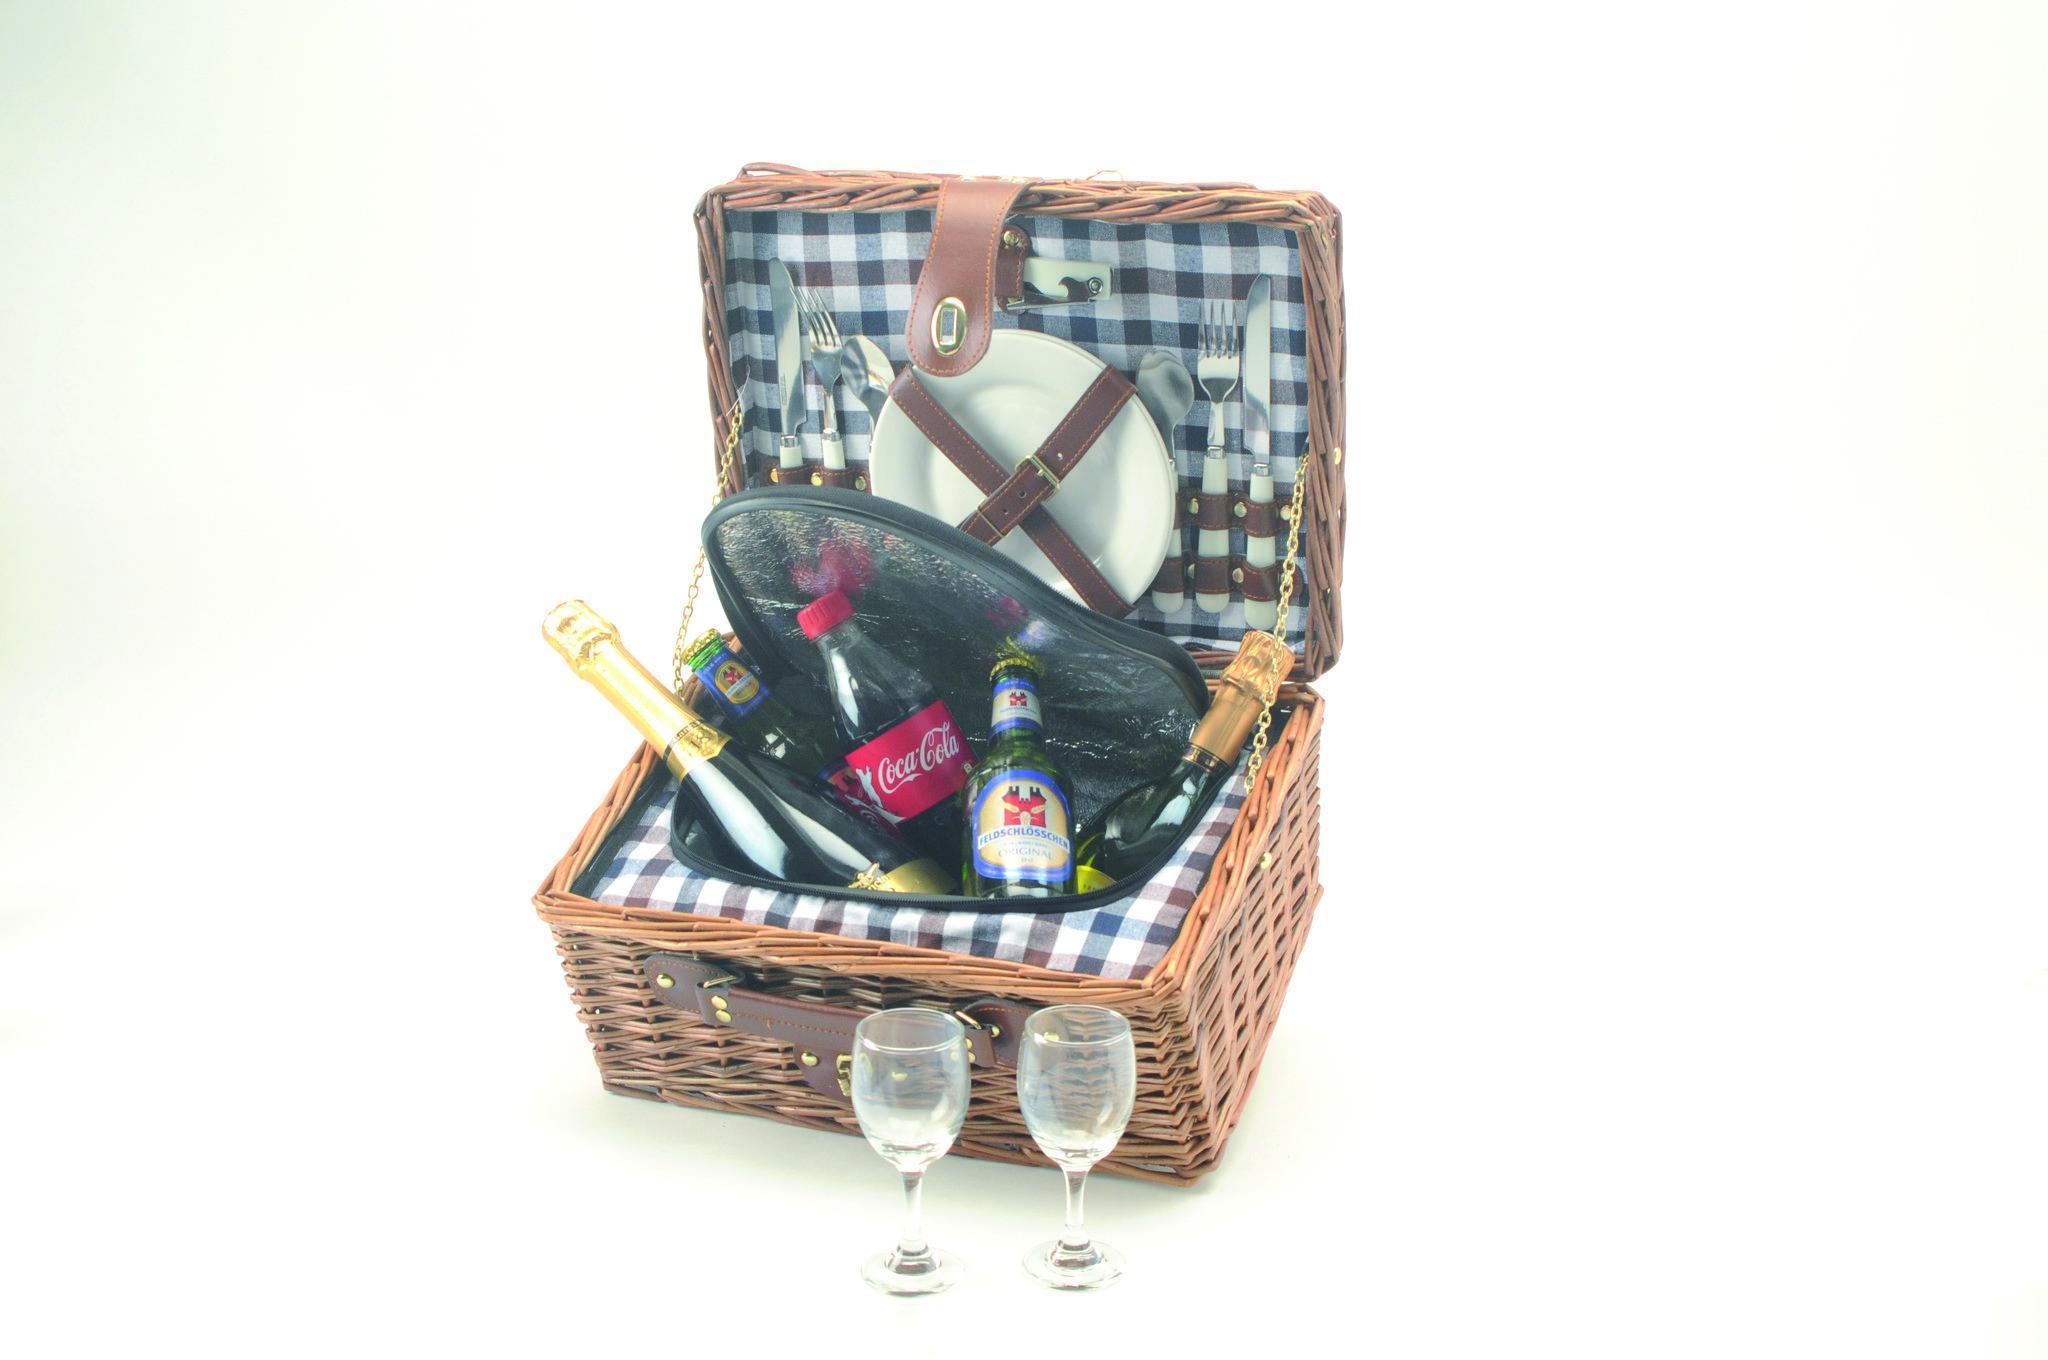 picknickkorb hyde park f r 2 personen picknick online. Black Bedroom Furniture Sets. Home Design Ideas